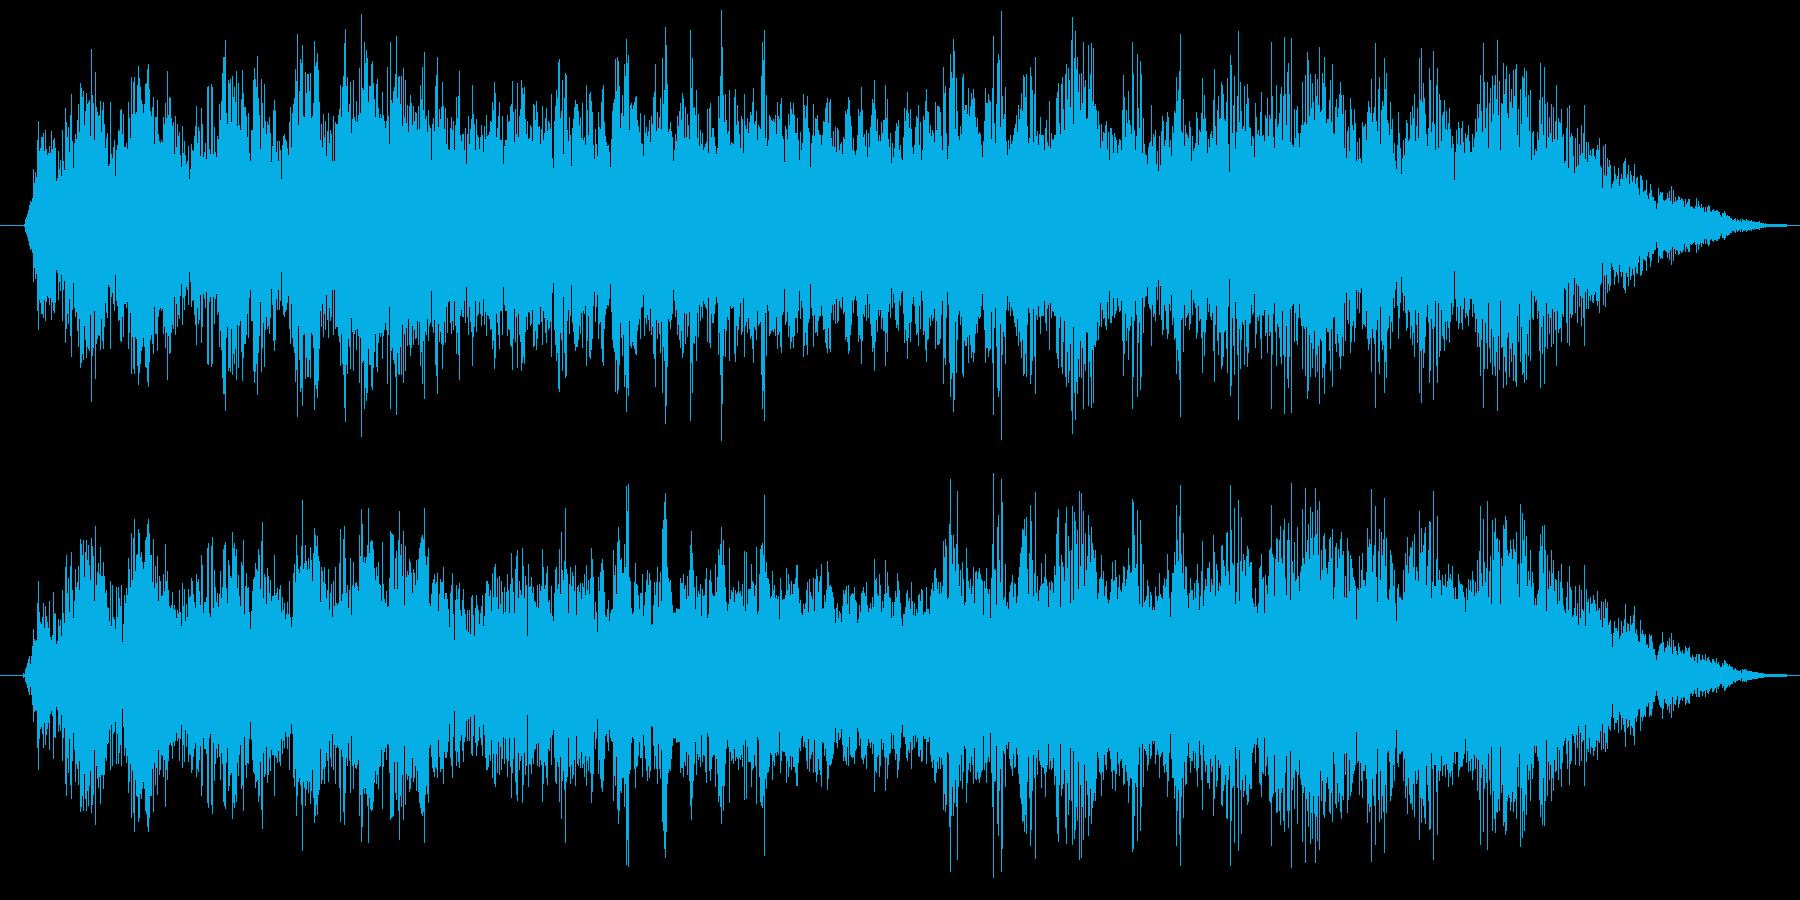 暴走族の走行およびコール タイプCの再生済みの波形